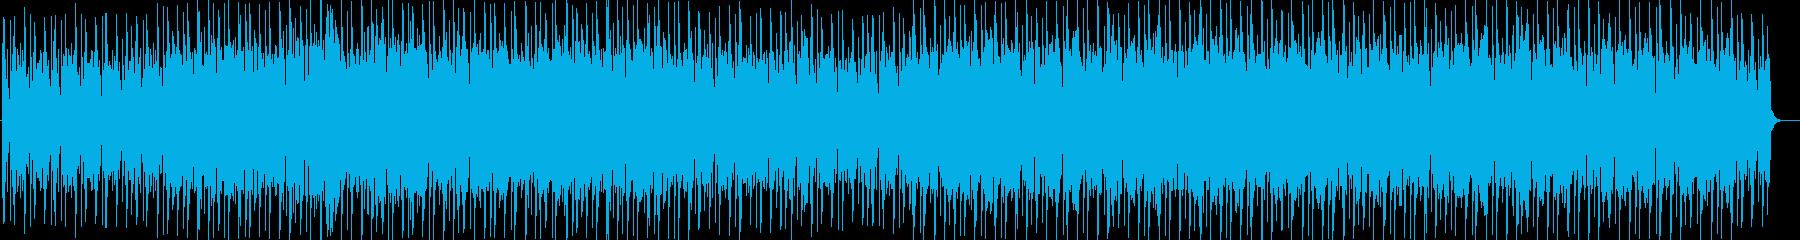 ドローン-宇宙-粒子-空-映画-ドライブの再生済みの波形